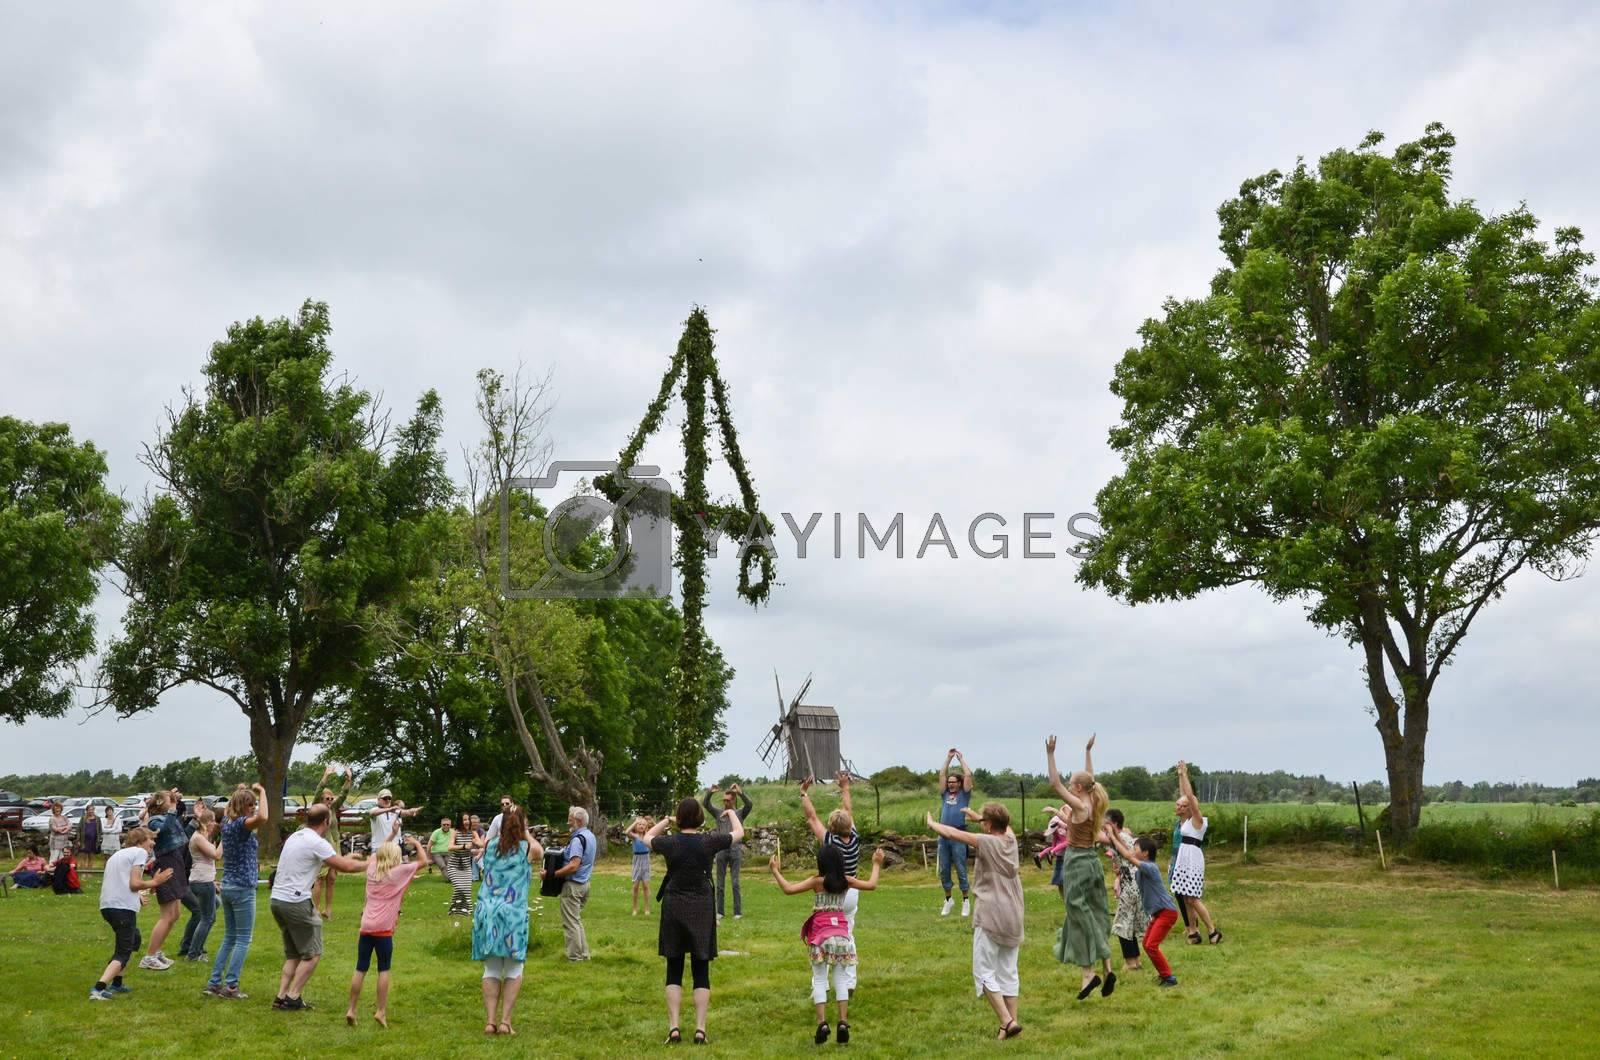 Oland, Sweden on June 22, 2013 - People celebrating midsummer dancing around a midsummer pole in Sweden